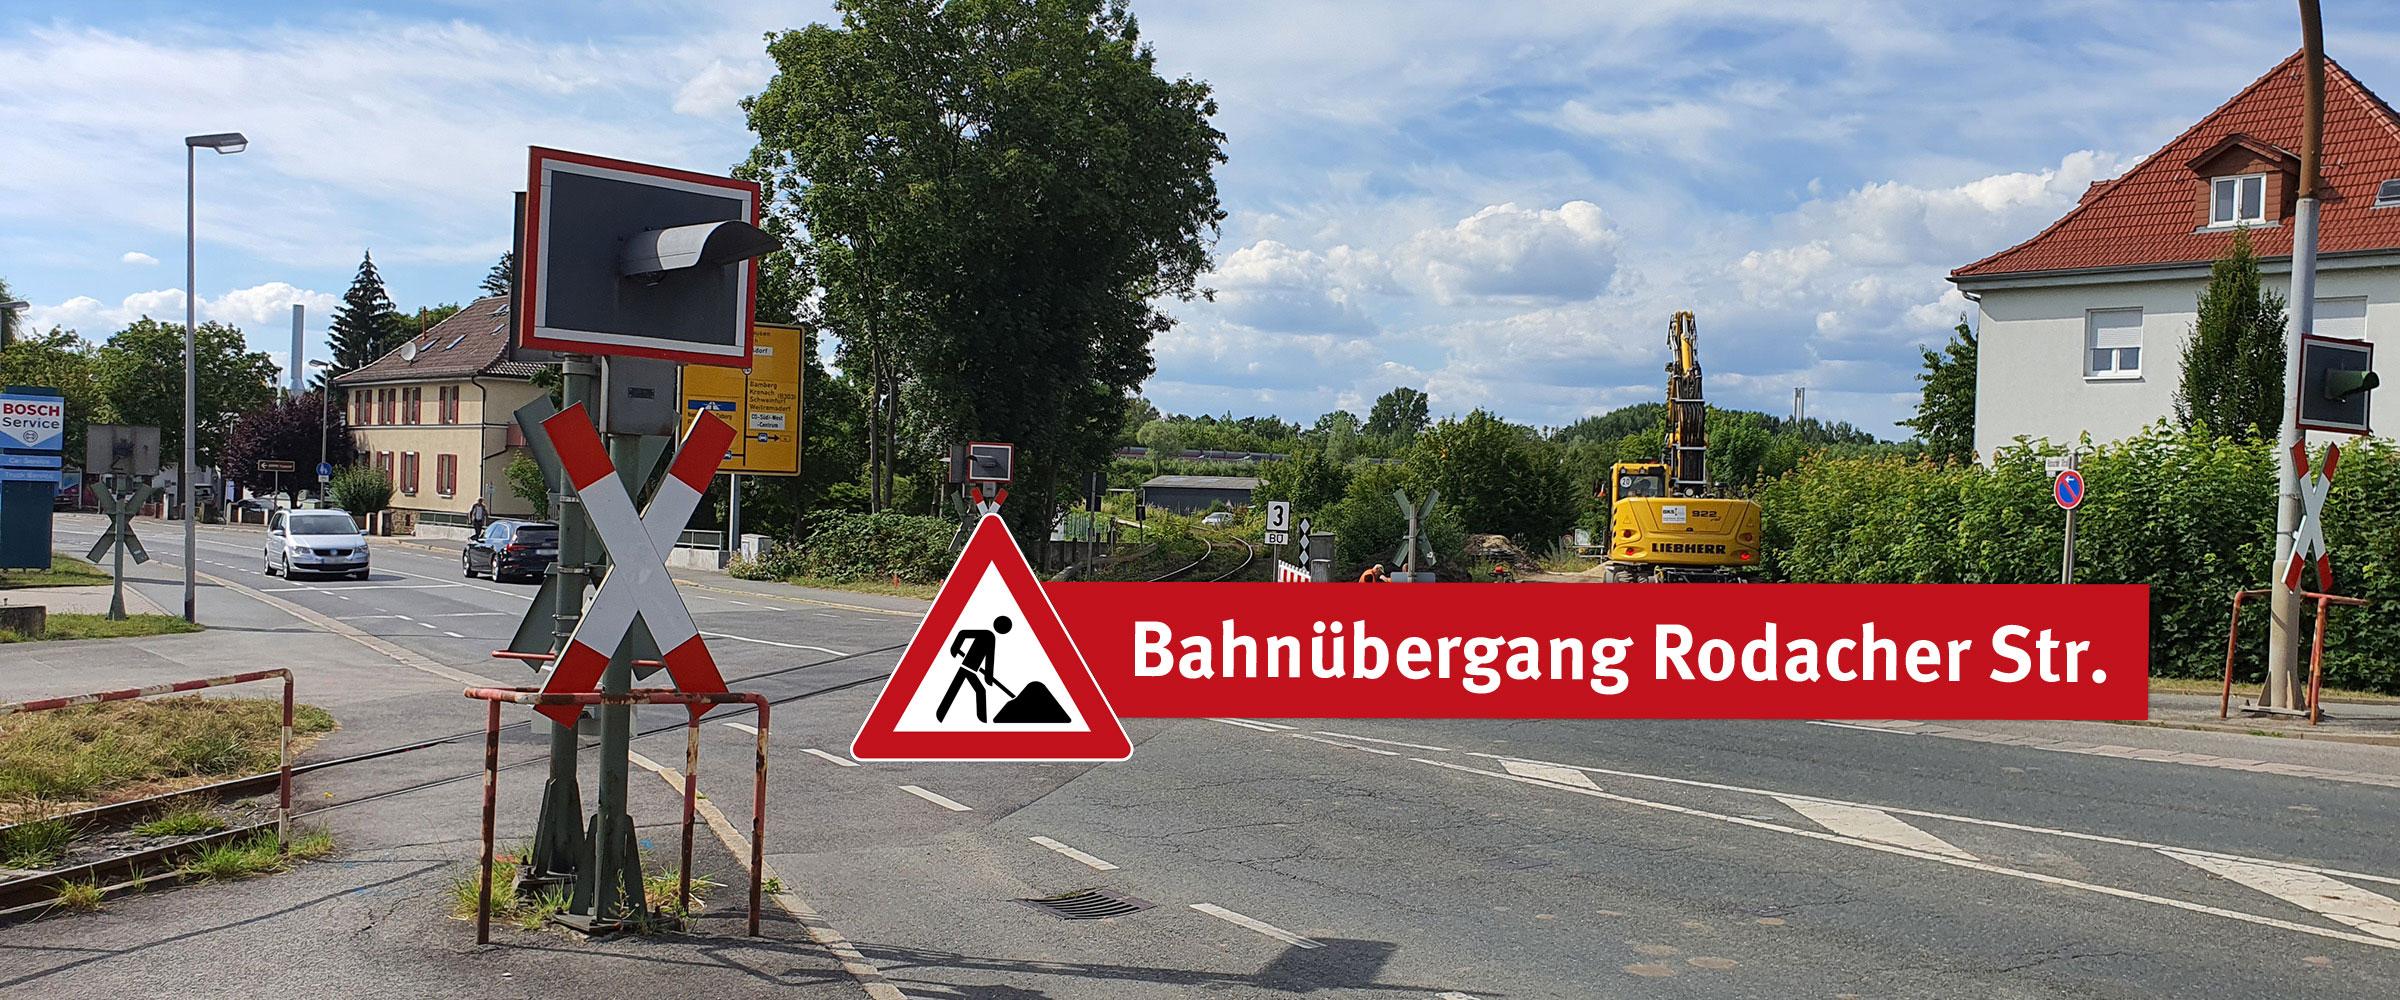 banner_bahnuebergang_rodacher_str